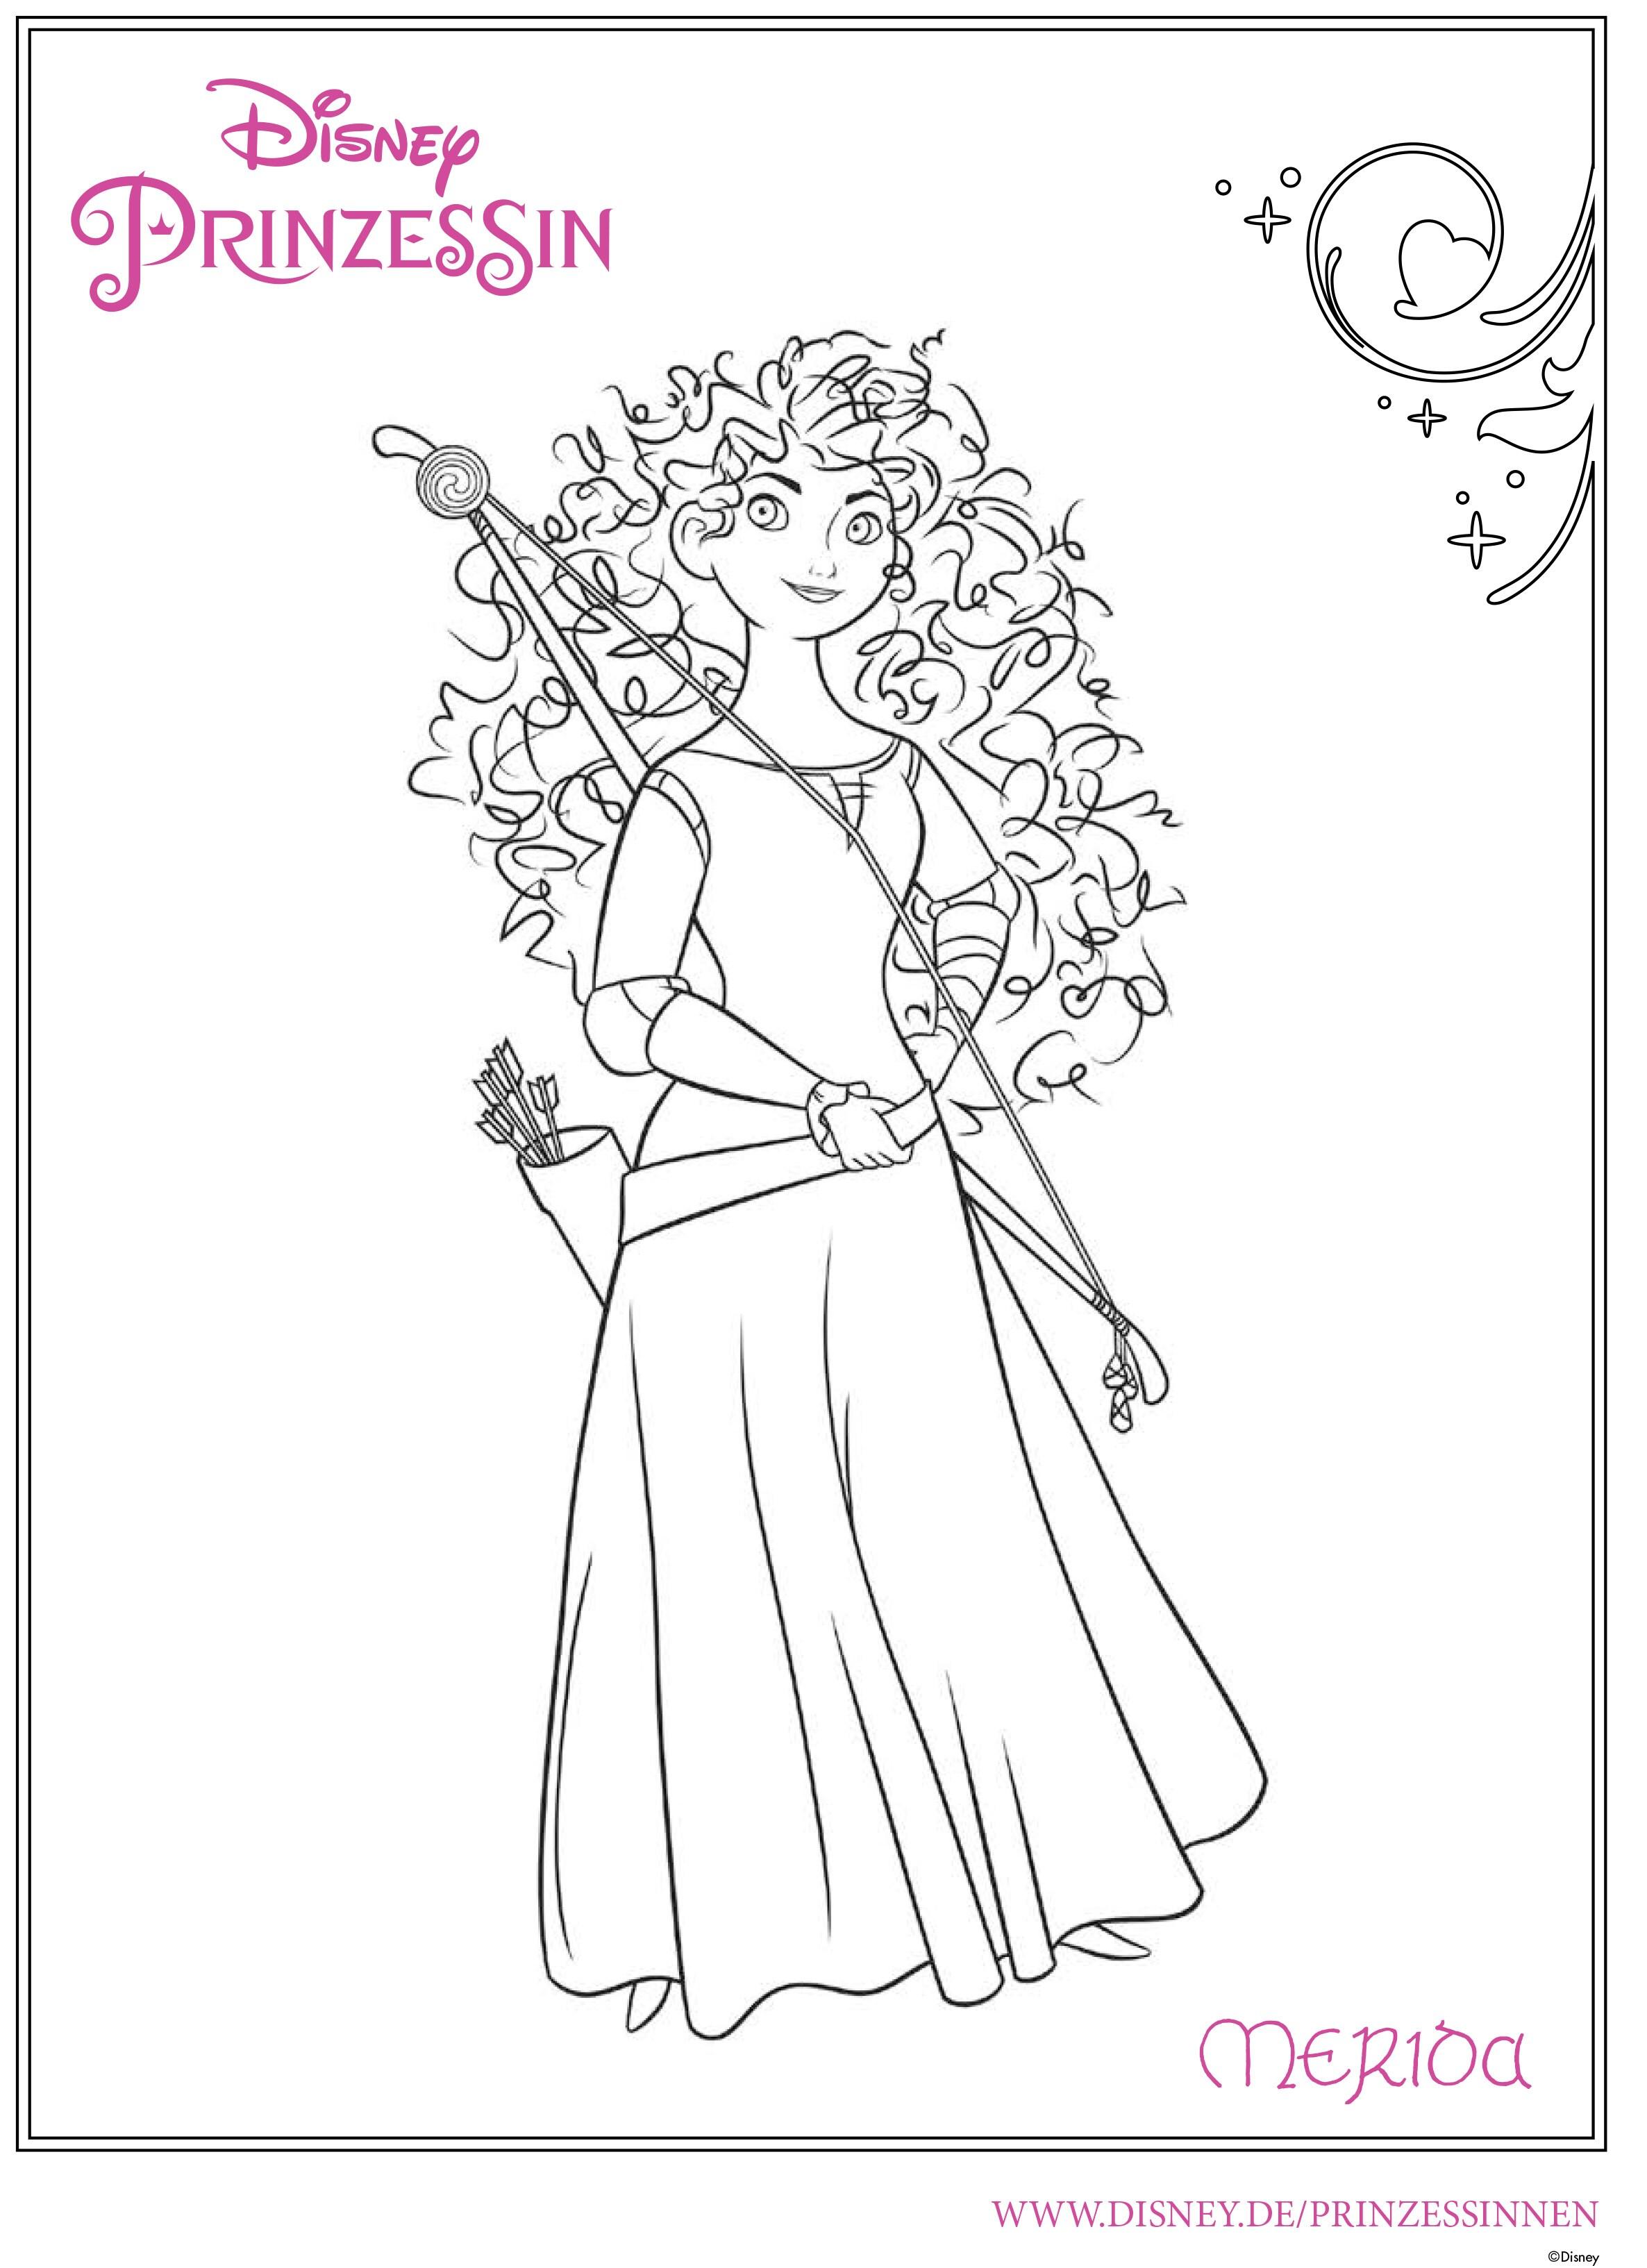 Prinzessin Mulan Ausmalbilder : Fantastisch Disney Prinzessin Mulan Malvorlagen Galerie